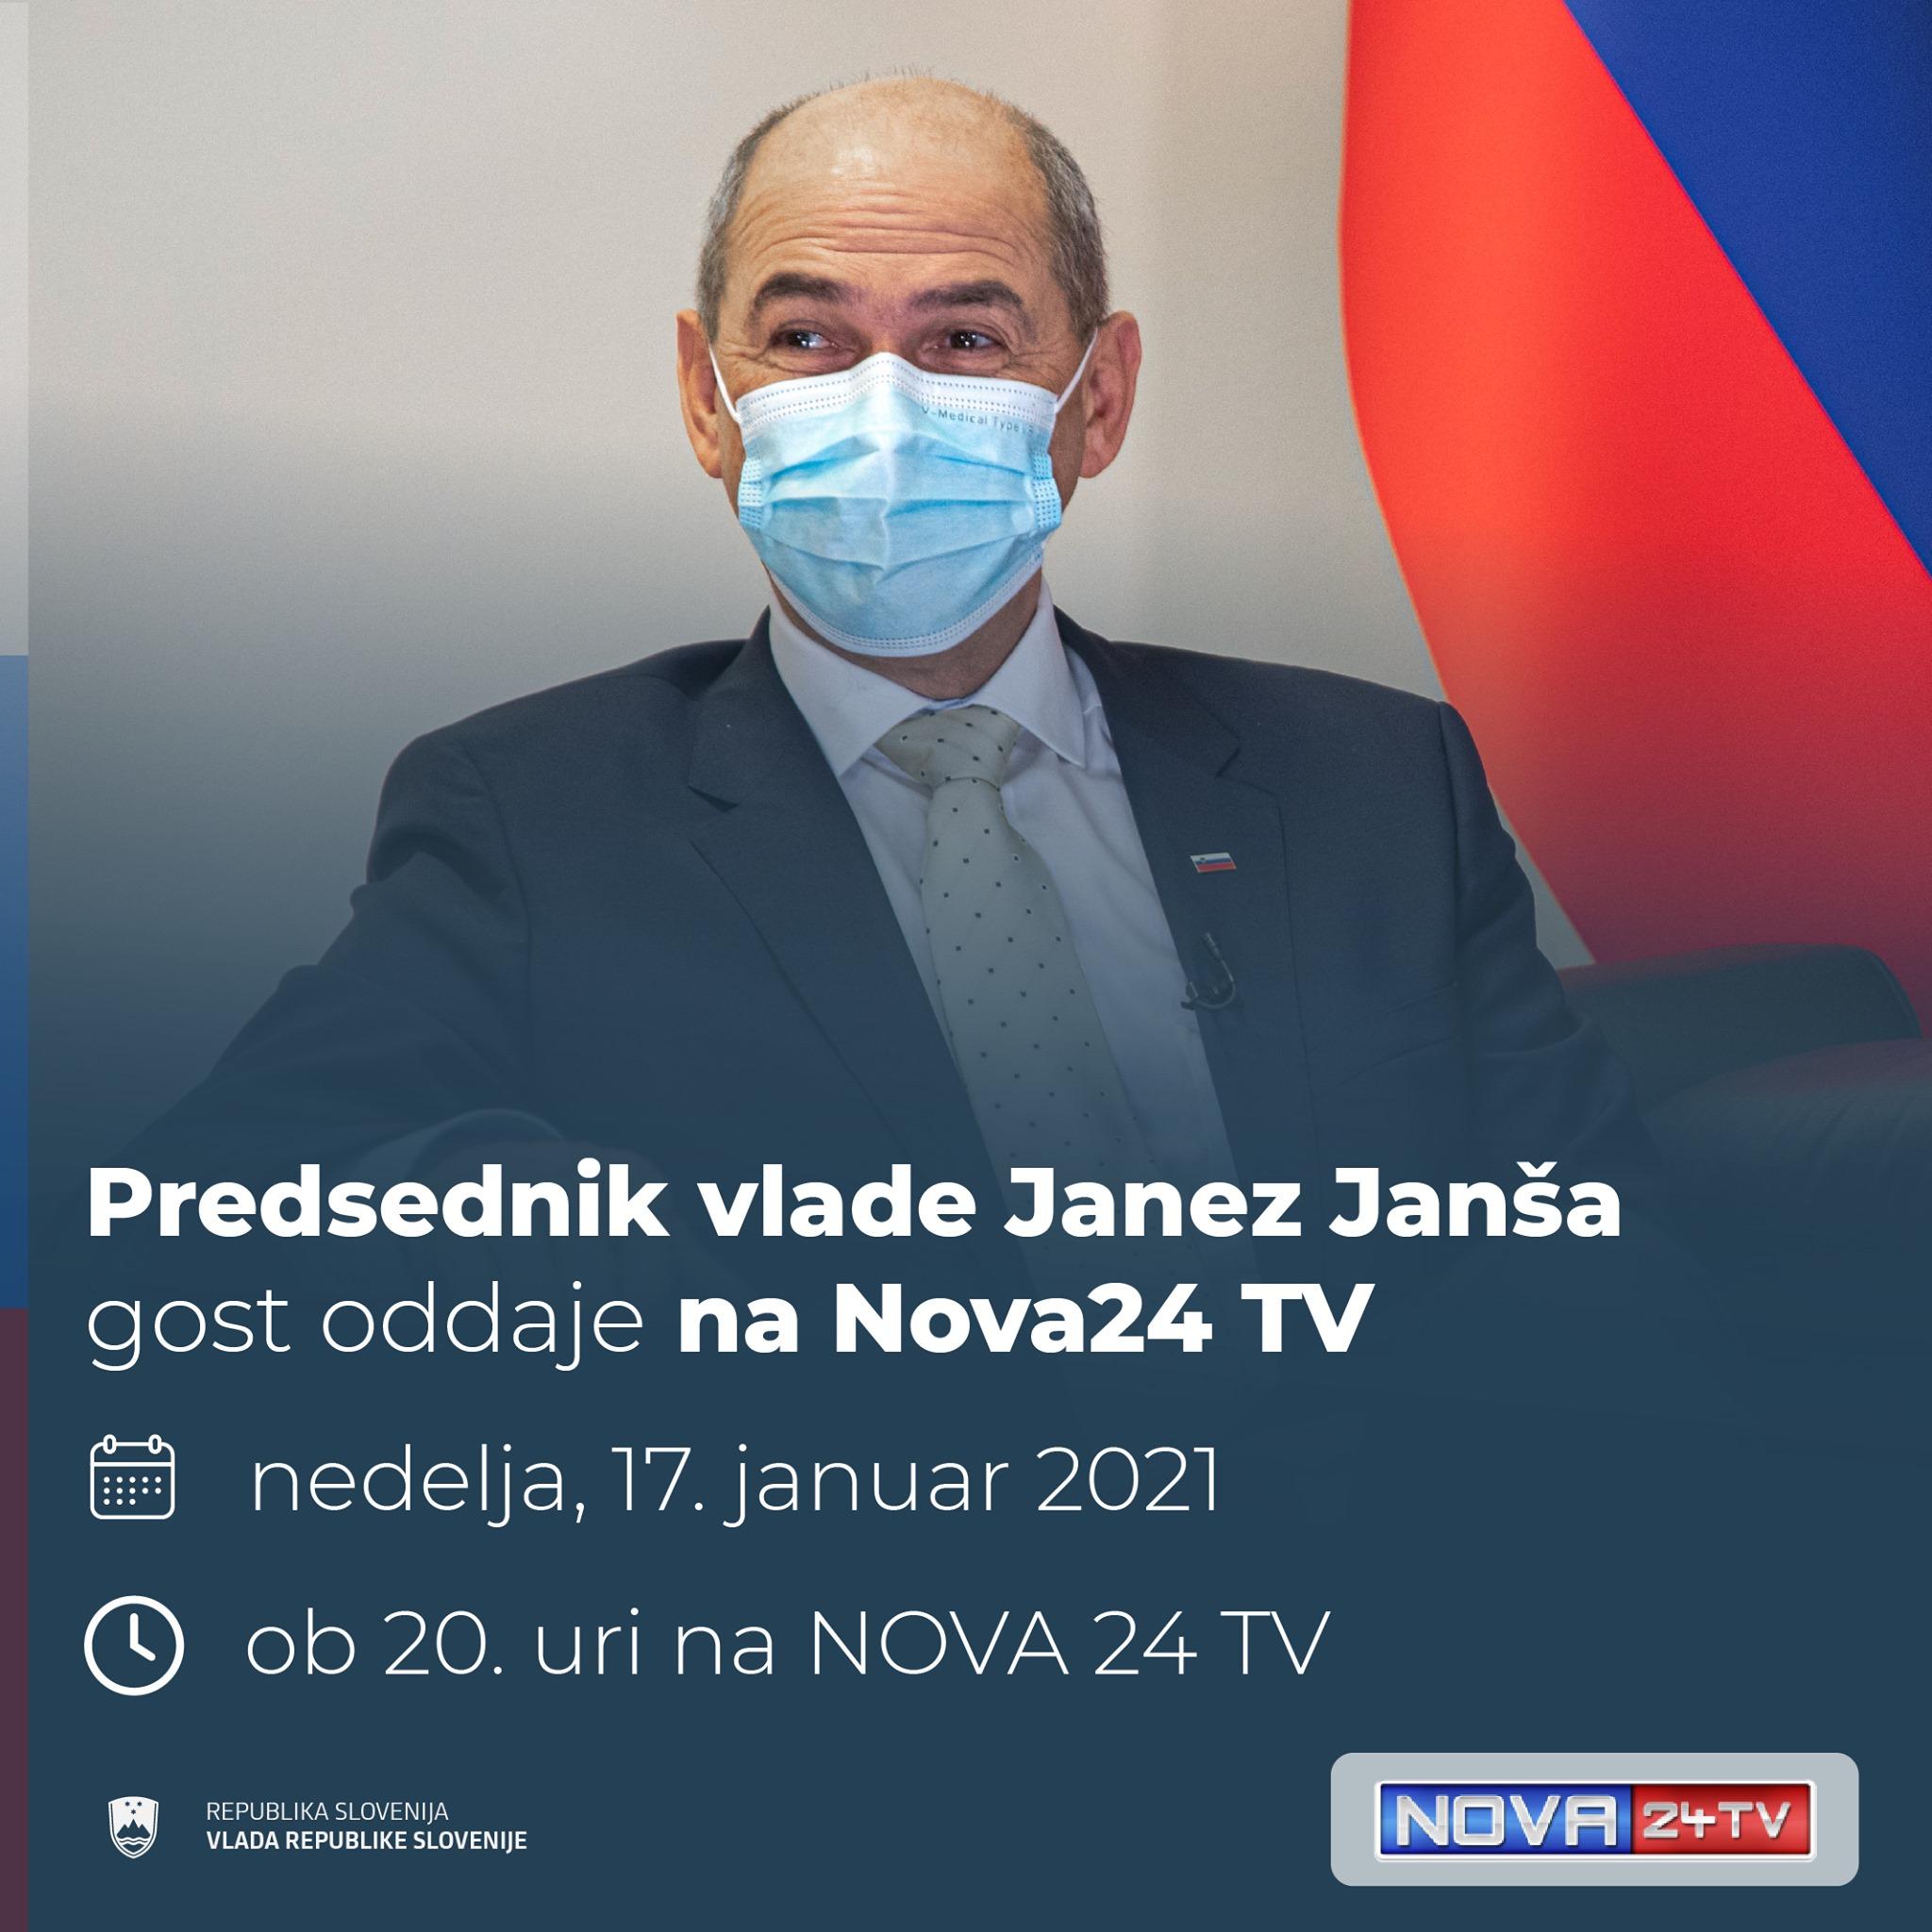 Predsednik vlade janez janša gost oddaje na Nova24 TV 17. januar. 2021 ob 20. uri